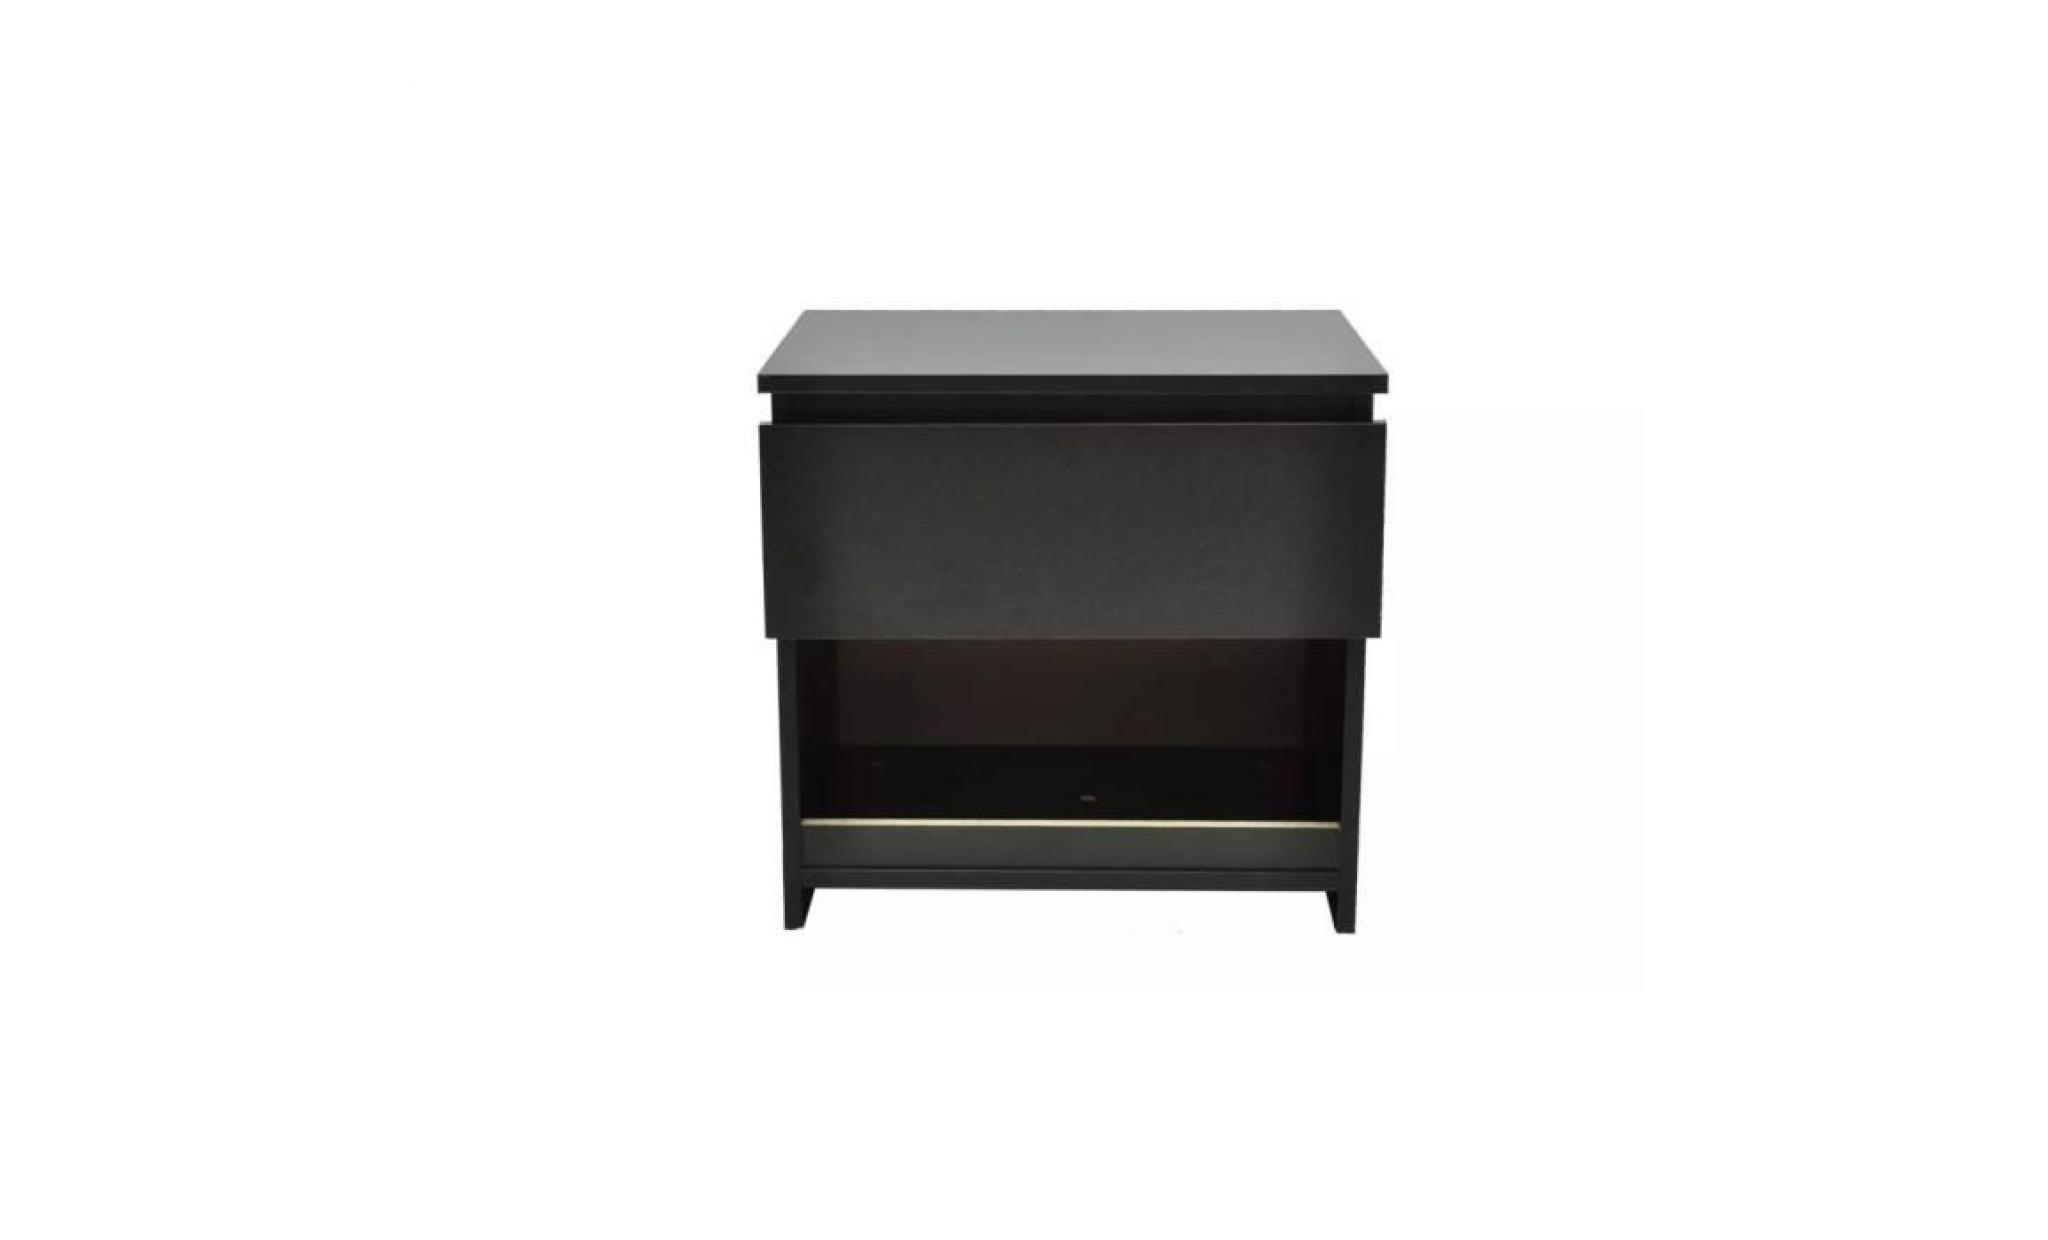 noir chevet de table 1 nuit 2 table armoire tiroir de avec pcs 7Ibgf6mvYy